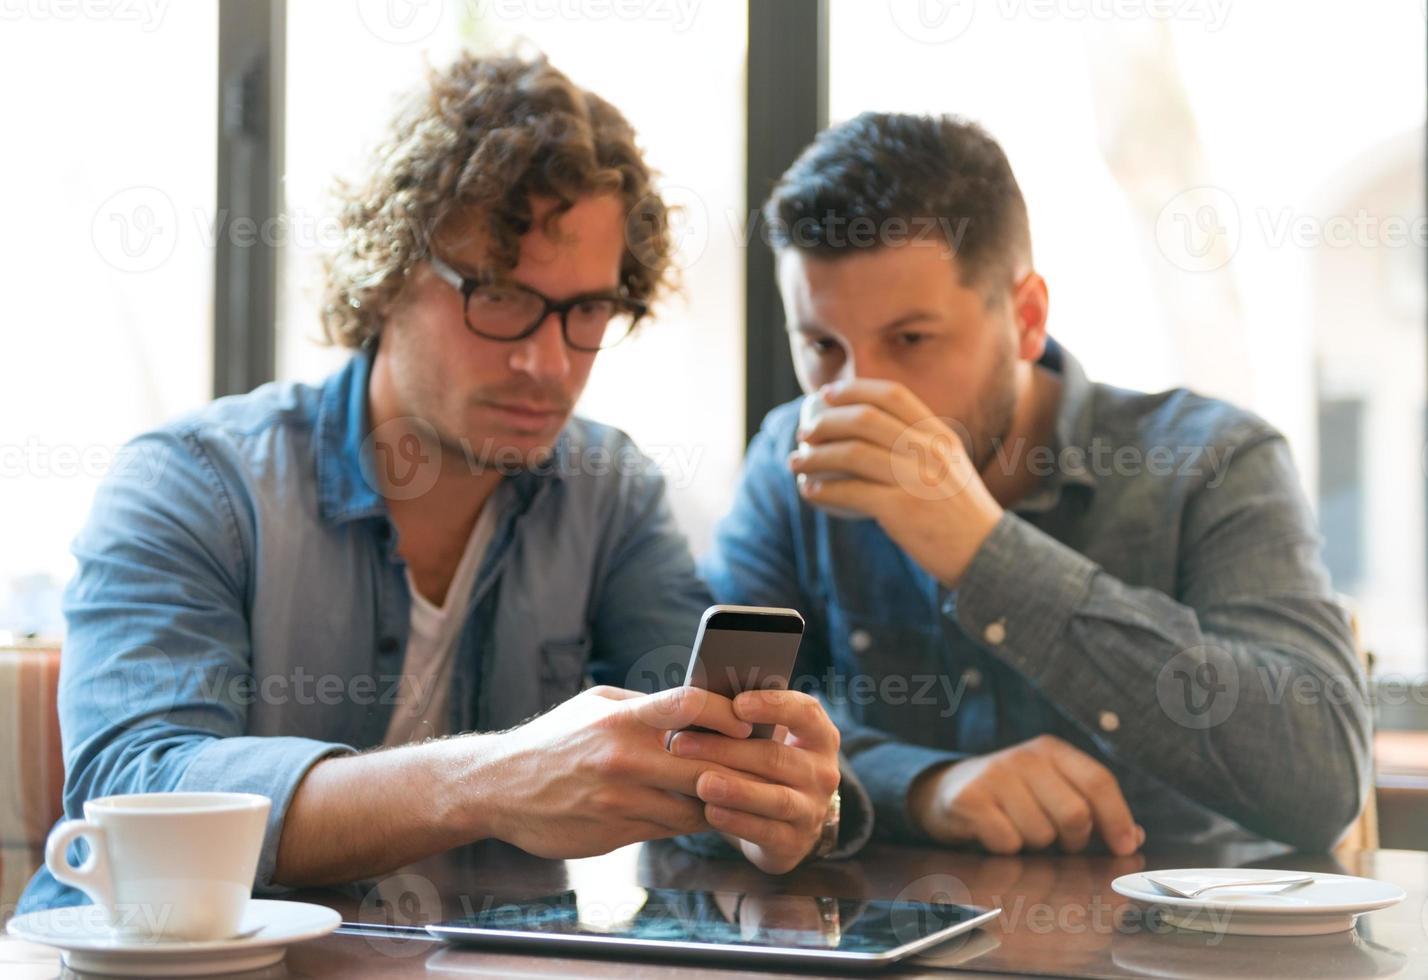 Gelegenheitsjungs in einem Café, das Handy ansieht foto